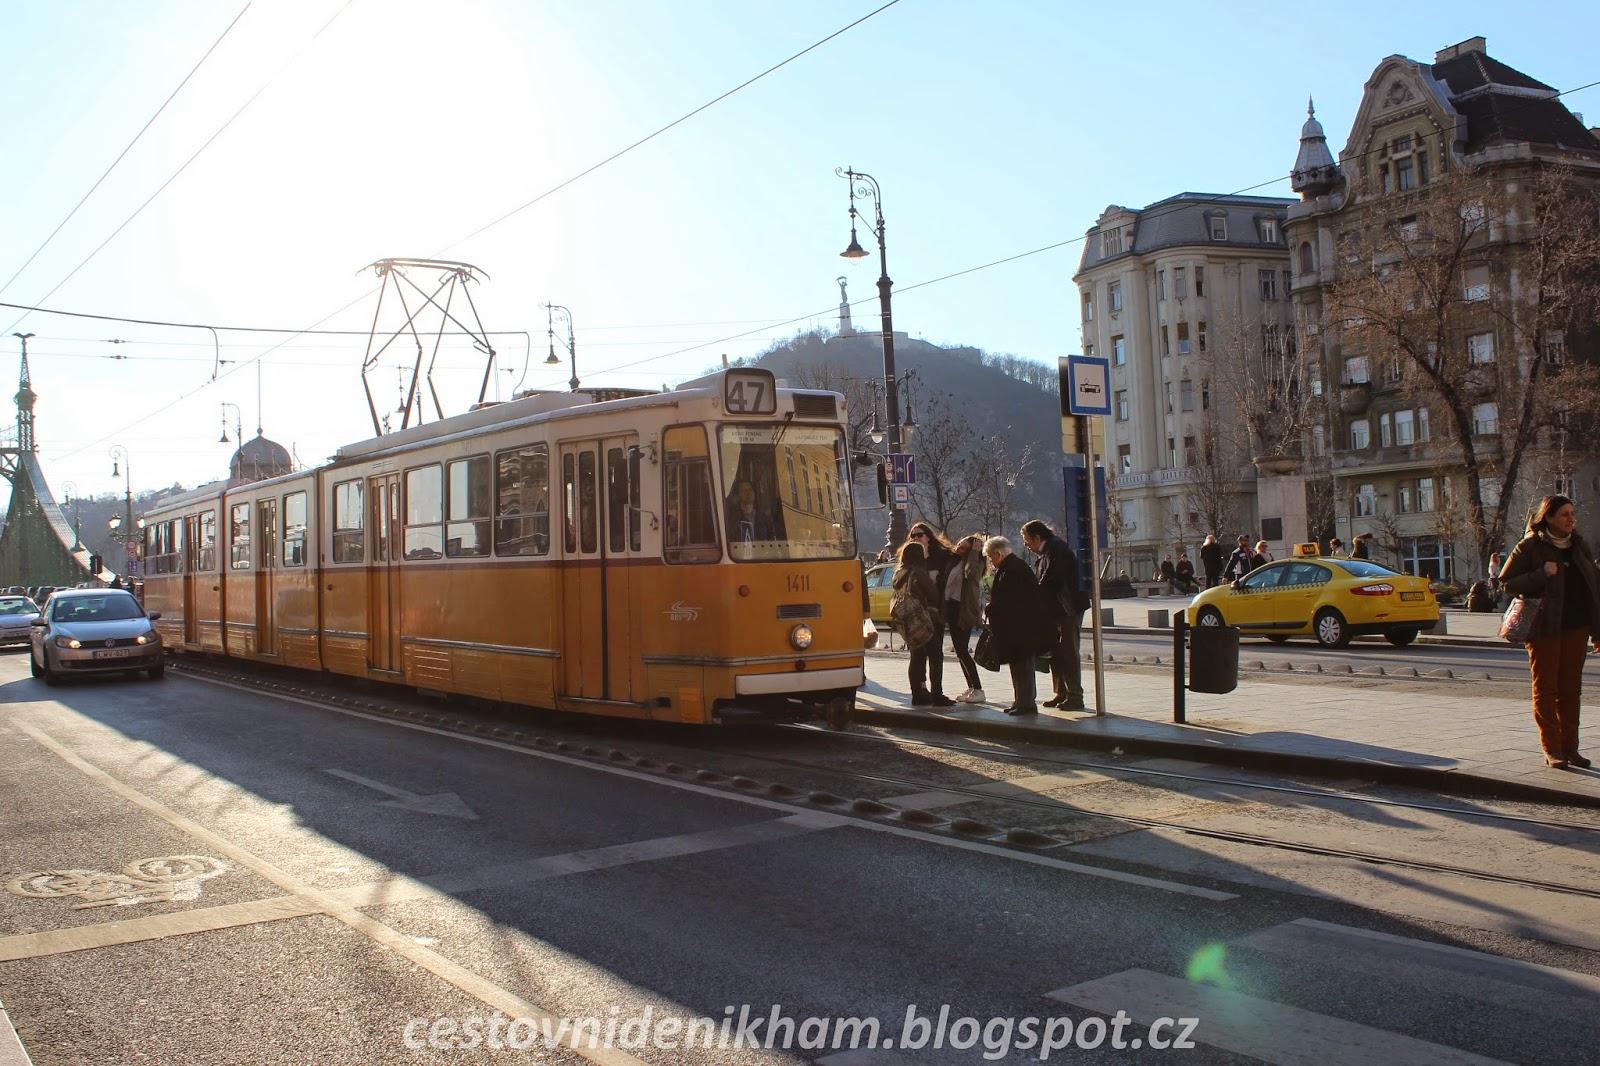 žlutá tramvaj // yellow tram